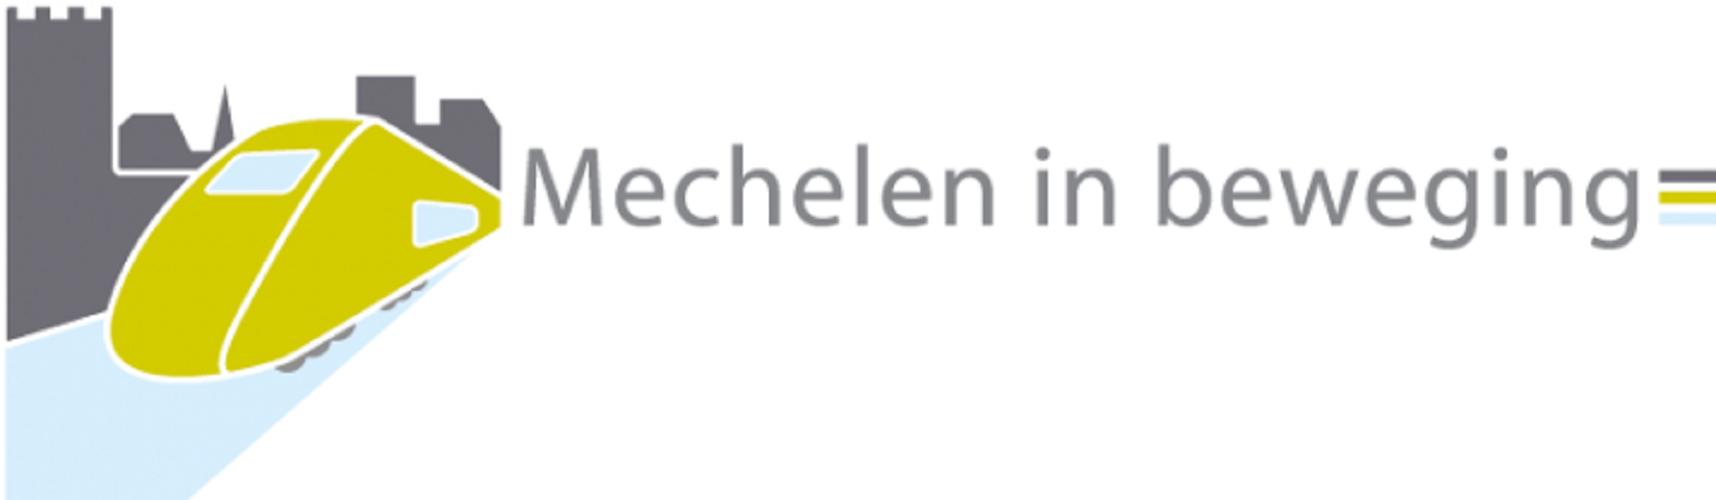 Mechelen in beweging